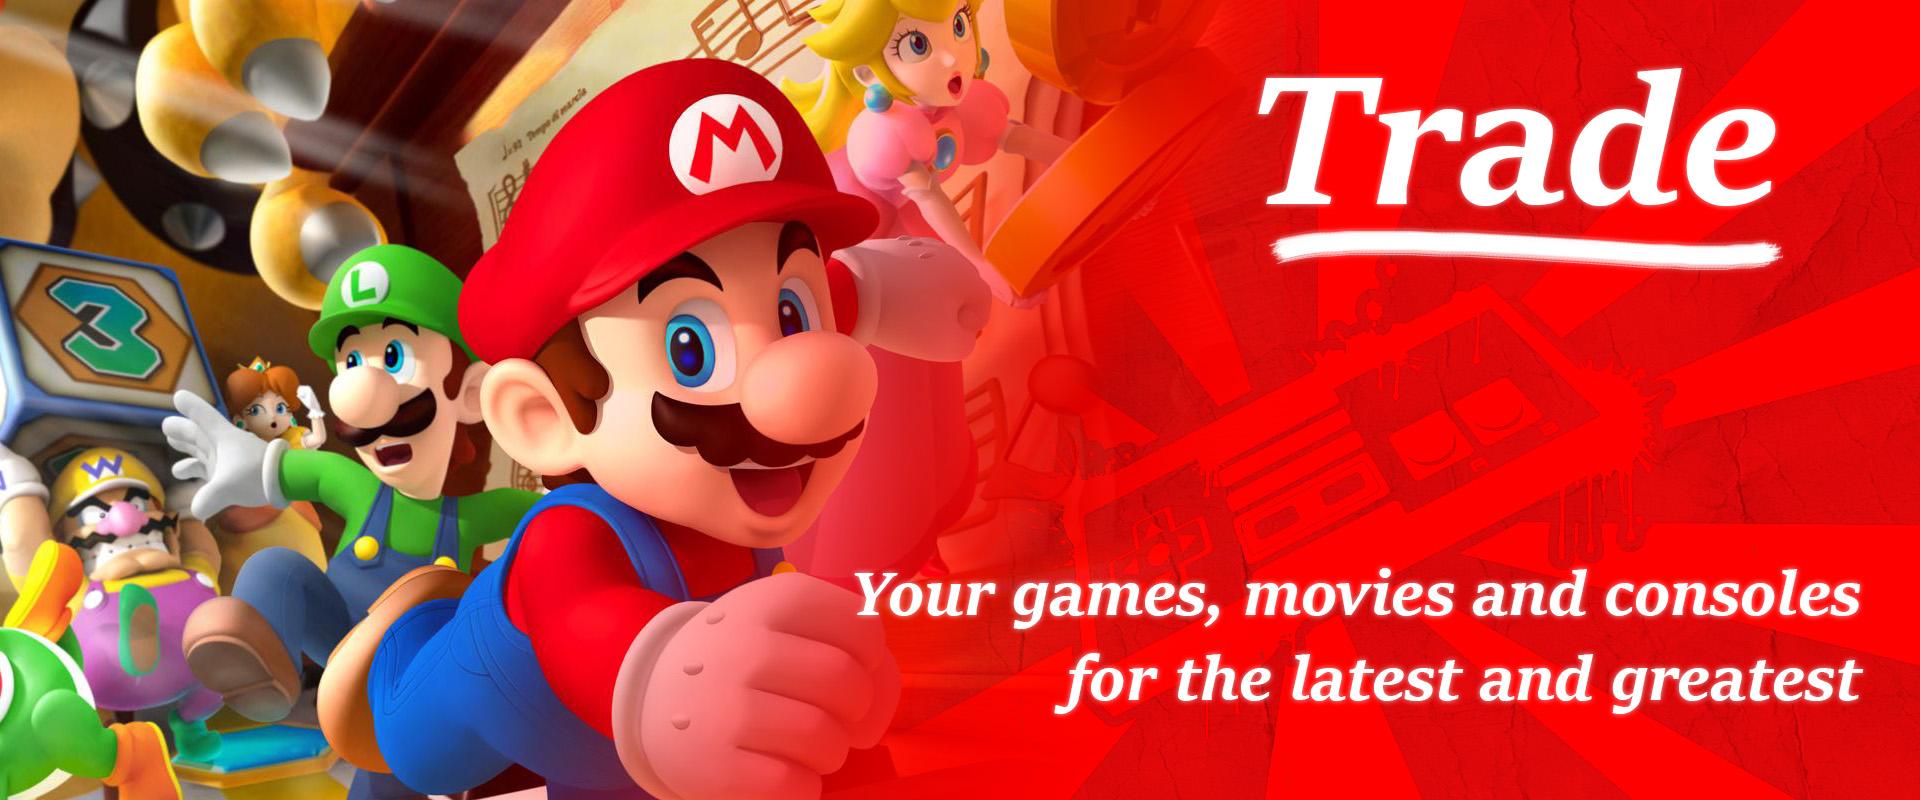 Trade Header (Nintendo).jpg